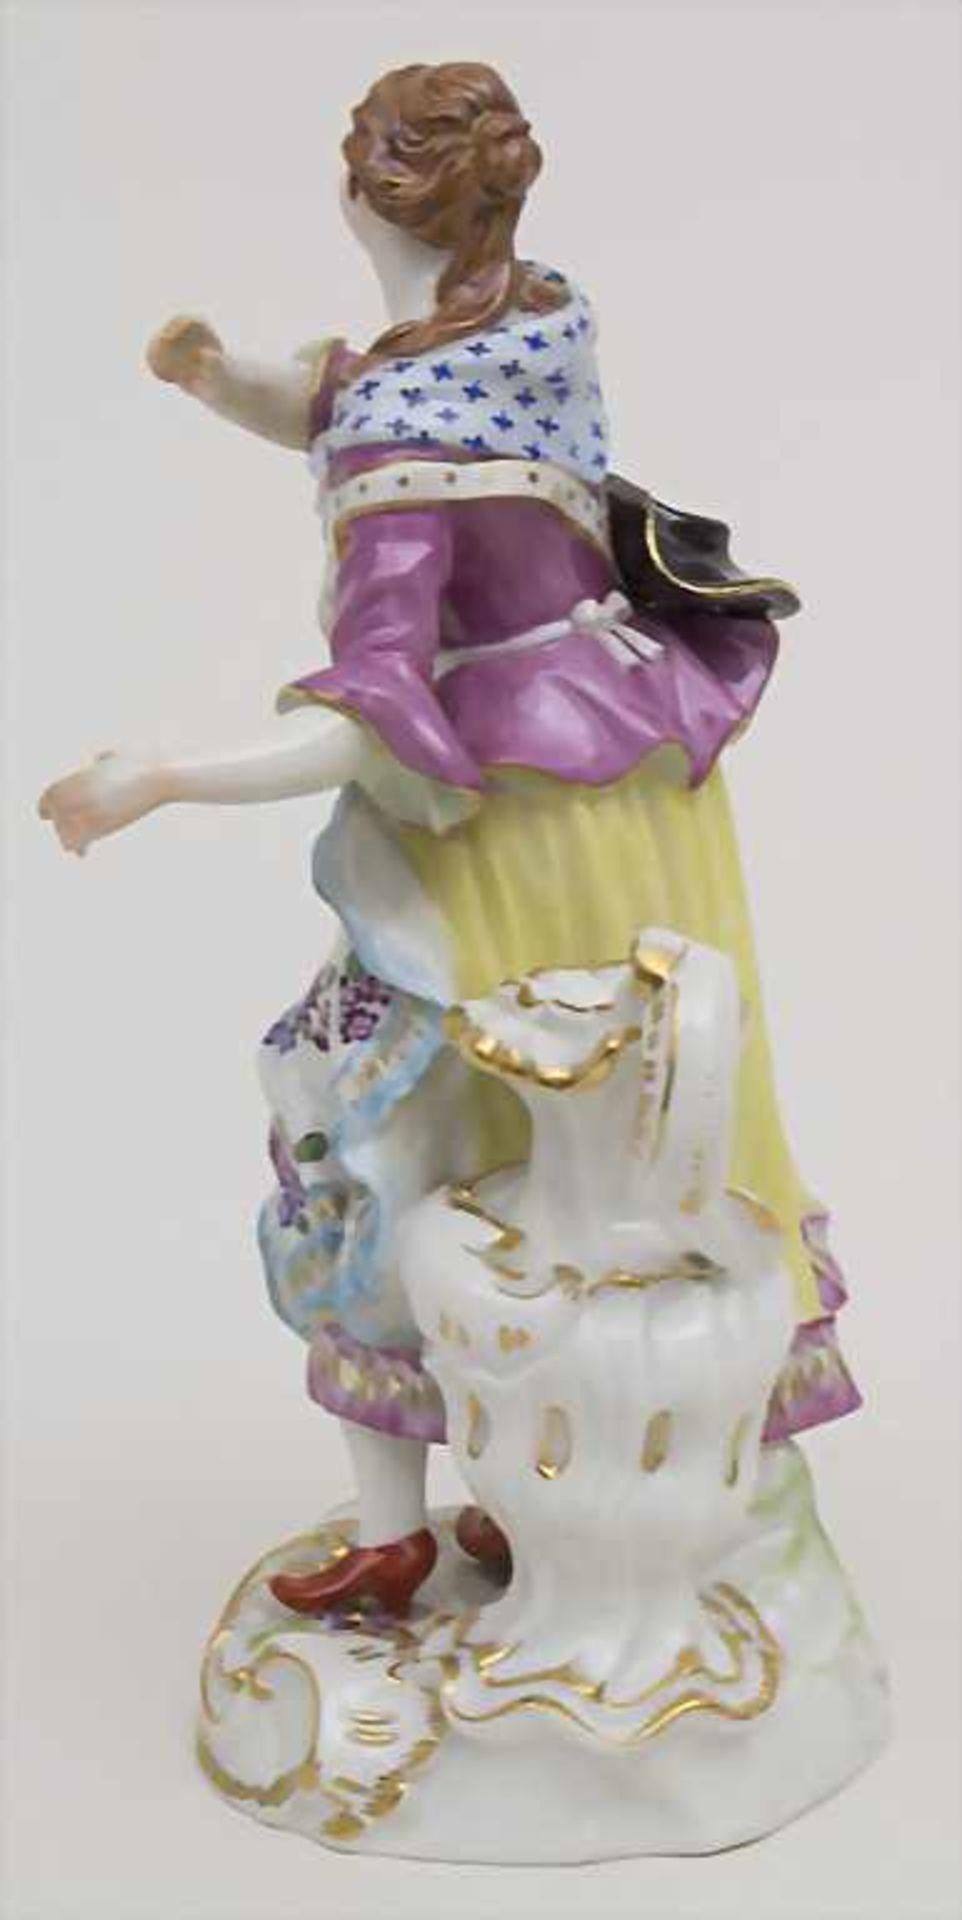 Schäferin mit hohem Henkelgefäß / A figure of a shepherdess with huge jug, Meissen, Mitte 20. Jh. - Bild 4 aus 6